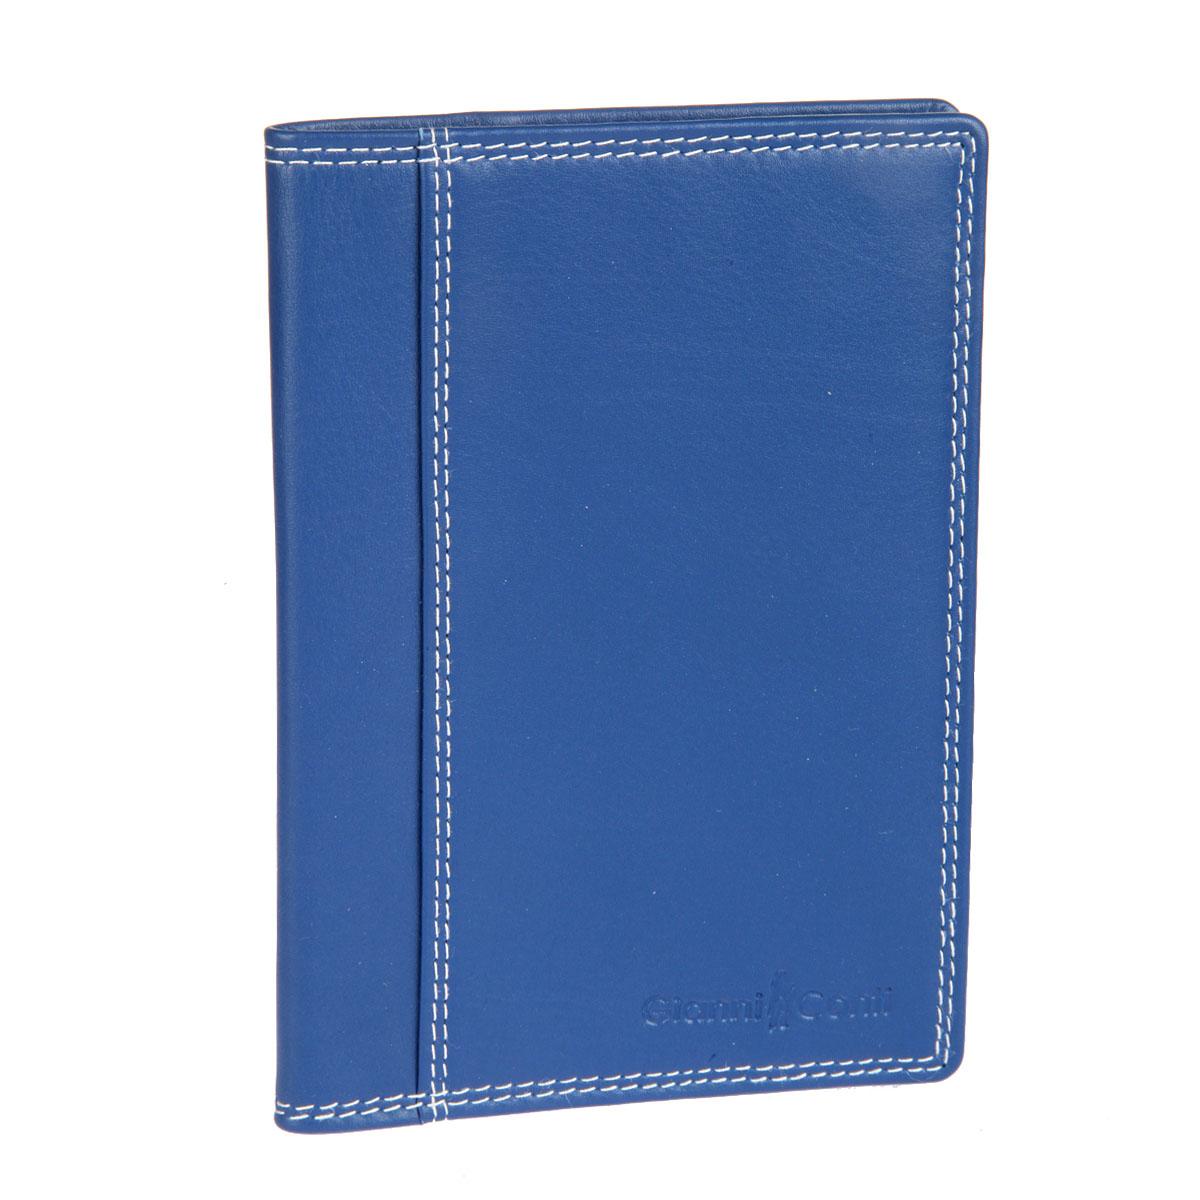 Обложка для паспорта Gianni Conti, цвет: синий. 18074551807455 el.blue multiСтильная обложка для паспорта Gianni Conti выполнена из натуральной кожи с зернистой фактурой. Обложка оформлена декоративной строчкой и выдавленным клеймом с названием и логотипом бренда. Изделие раскладывается пополам, внутри размещены шесть карманов для кредитных карт. Элегантная обложка Gianni Conti не только поможет сохранить внешний вид ваших документов и защитить их от повреждений, но и станет стильным аксессуаром, идеально подходящим к вашему образу.